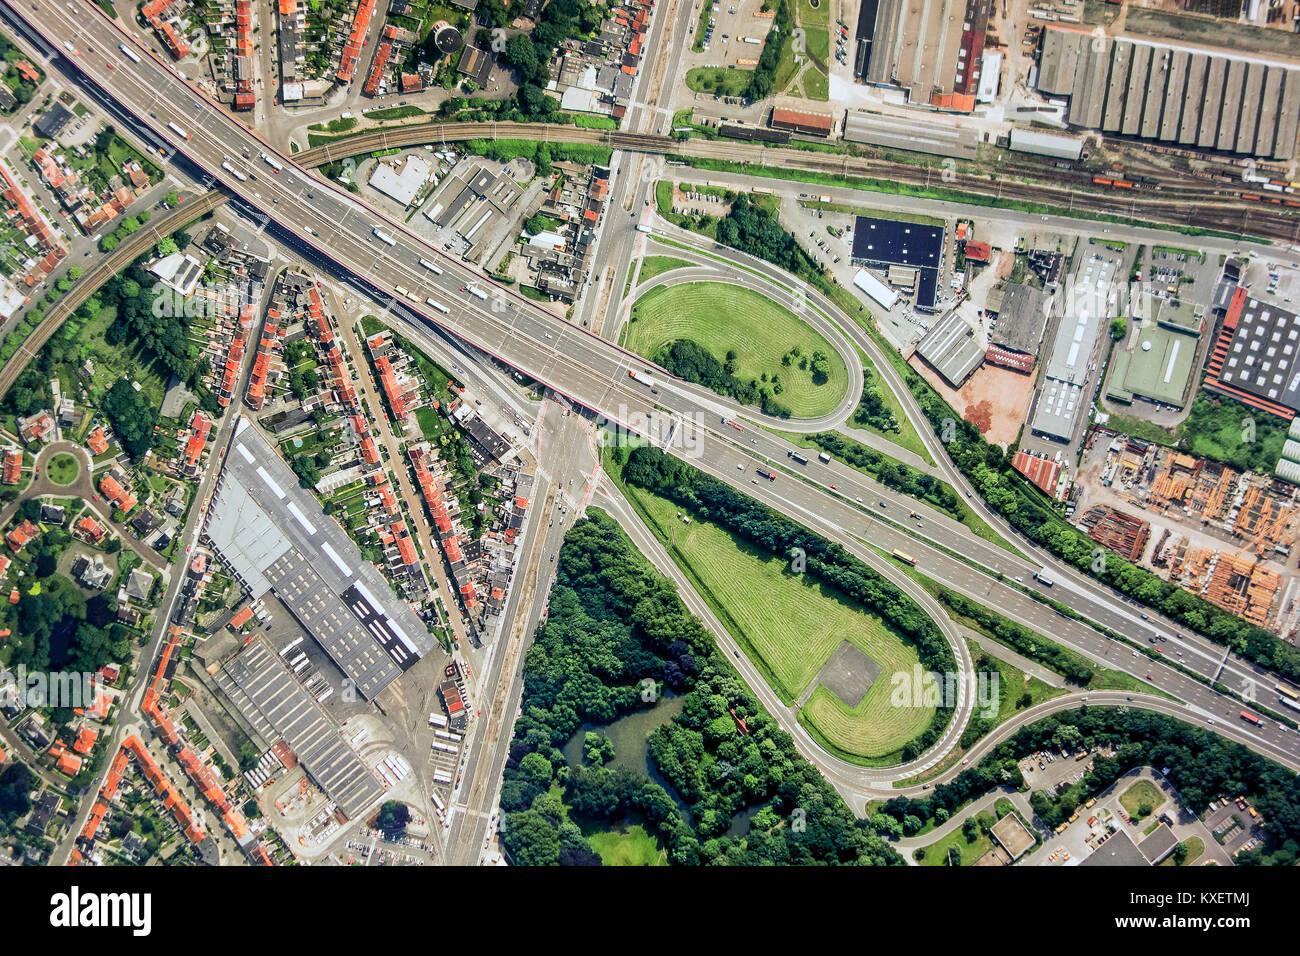 Vista aerea su nastro e costruzione autostrada interchange / interscambio autostradale con slittamento le strade Immagini Stock